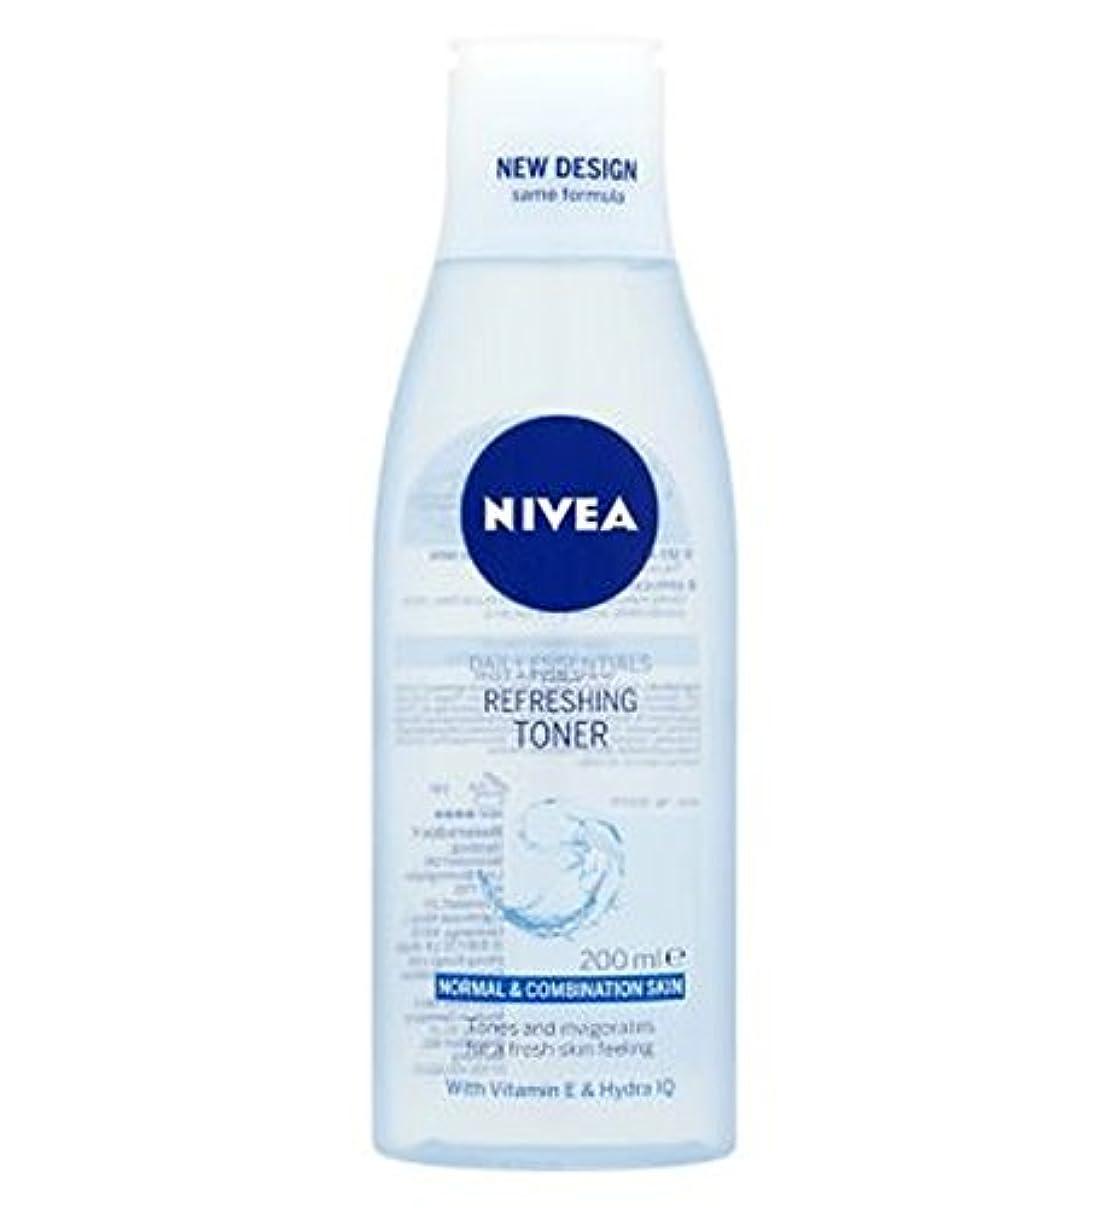 罪人消す外向きNivea Daily Essentials Refreshing Toner 200ml - トナー200ミリリットルをリフレッシュニベア生活必需品 (Nivea) [並行輸入品]